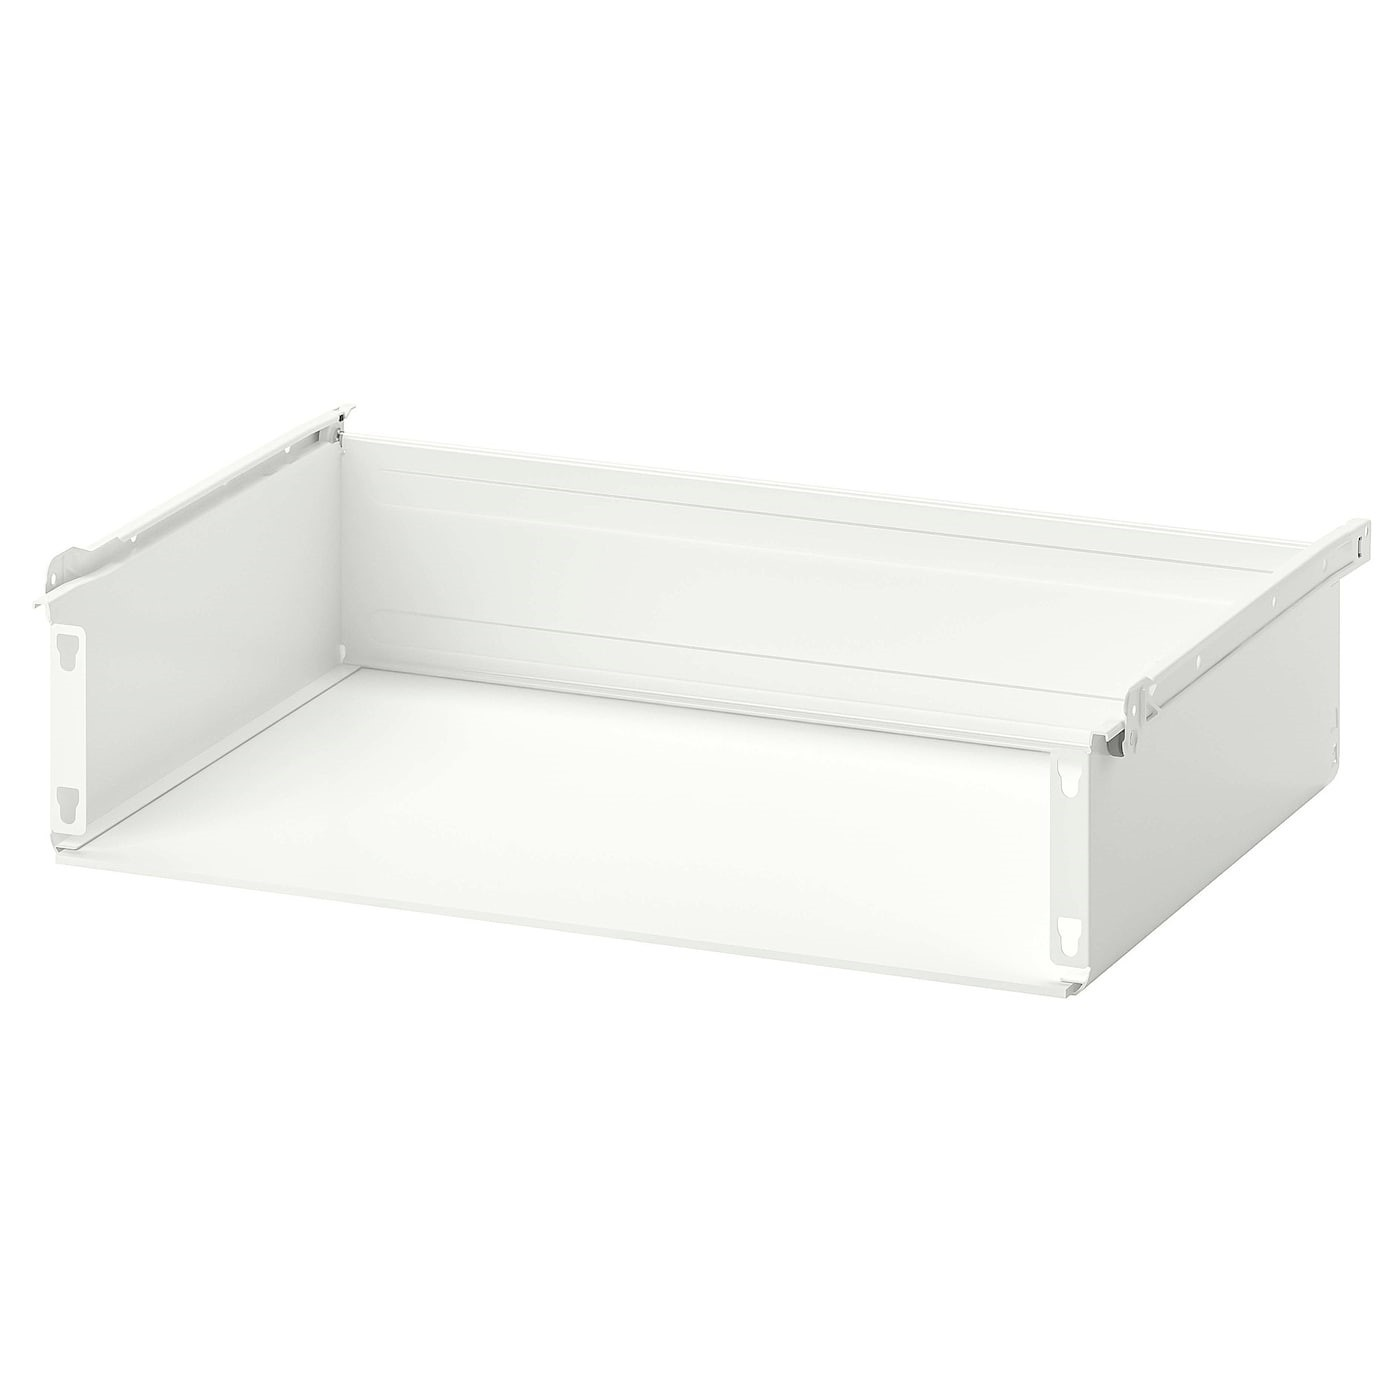 IKEA HJÄLPA ящик без фронтальной панели белый 56.4x36.3x12 см 603.309.84